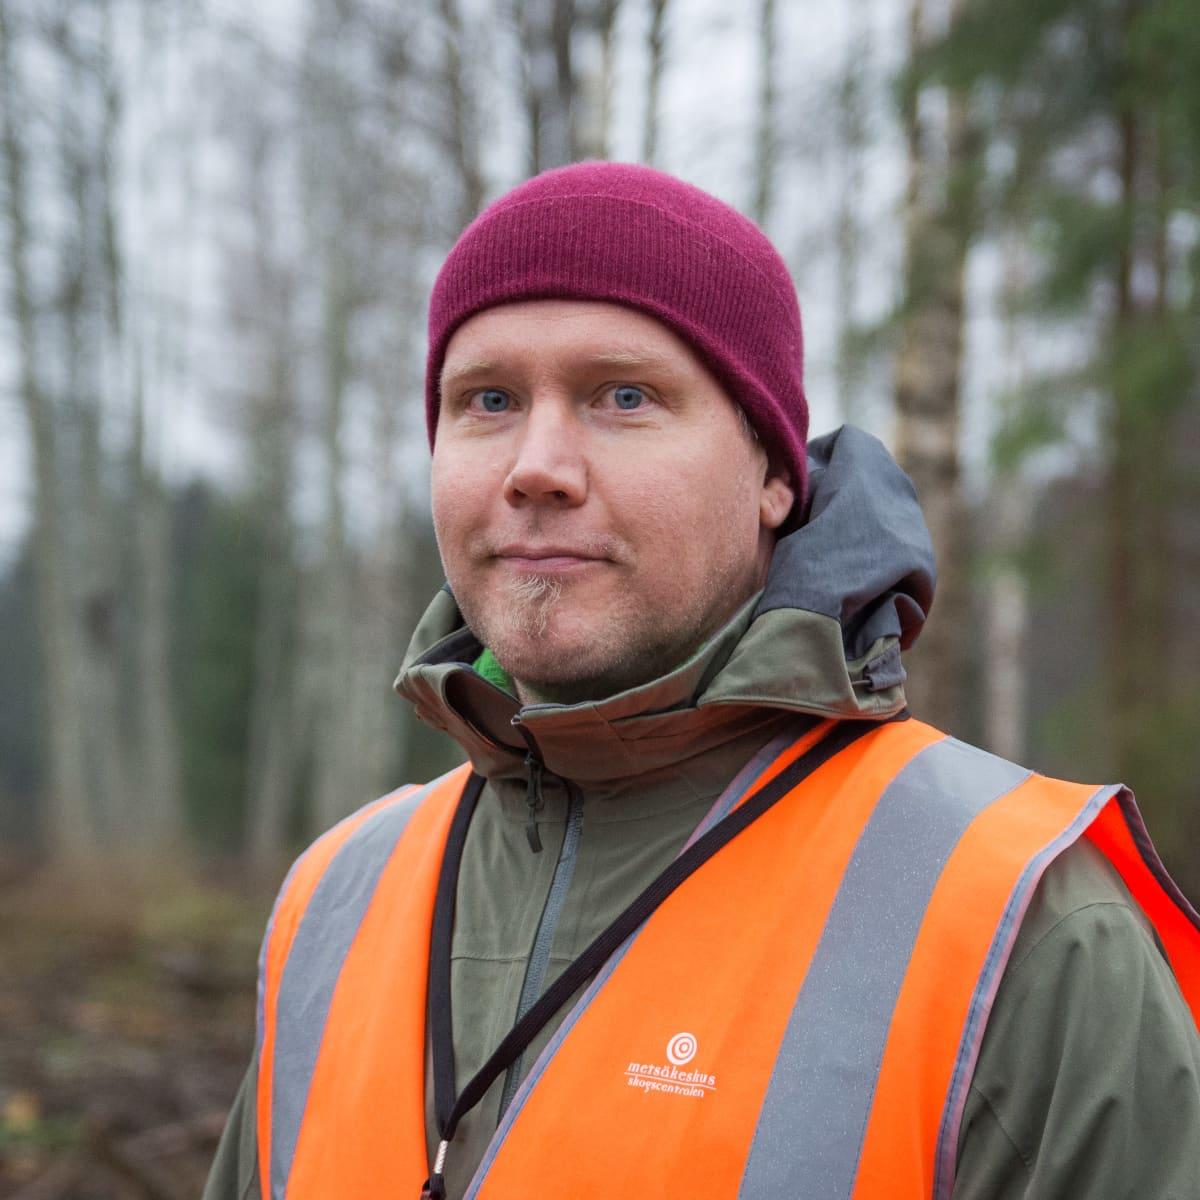 Projektipäällikkö Jyri Pääkkönen Metsäkeskuksesta.